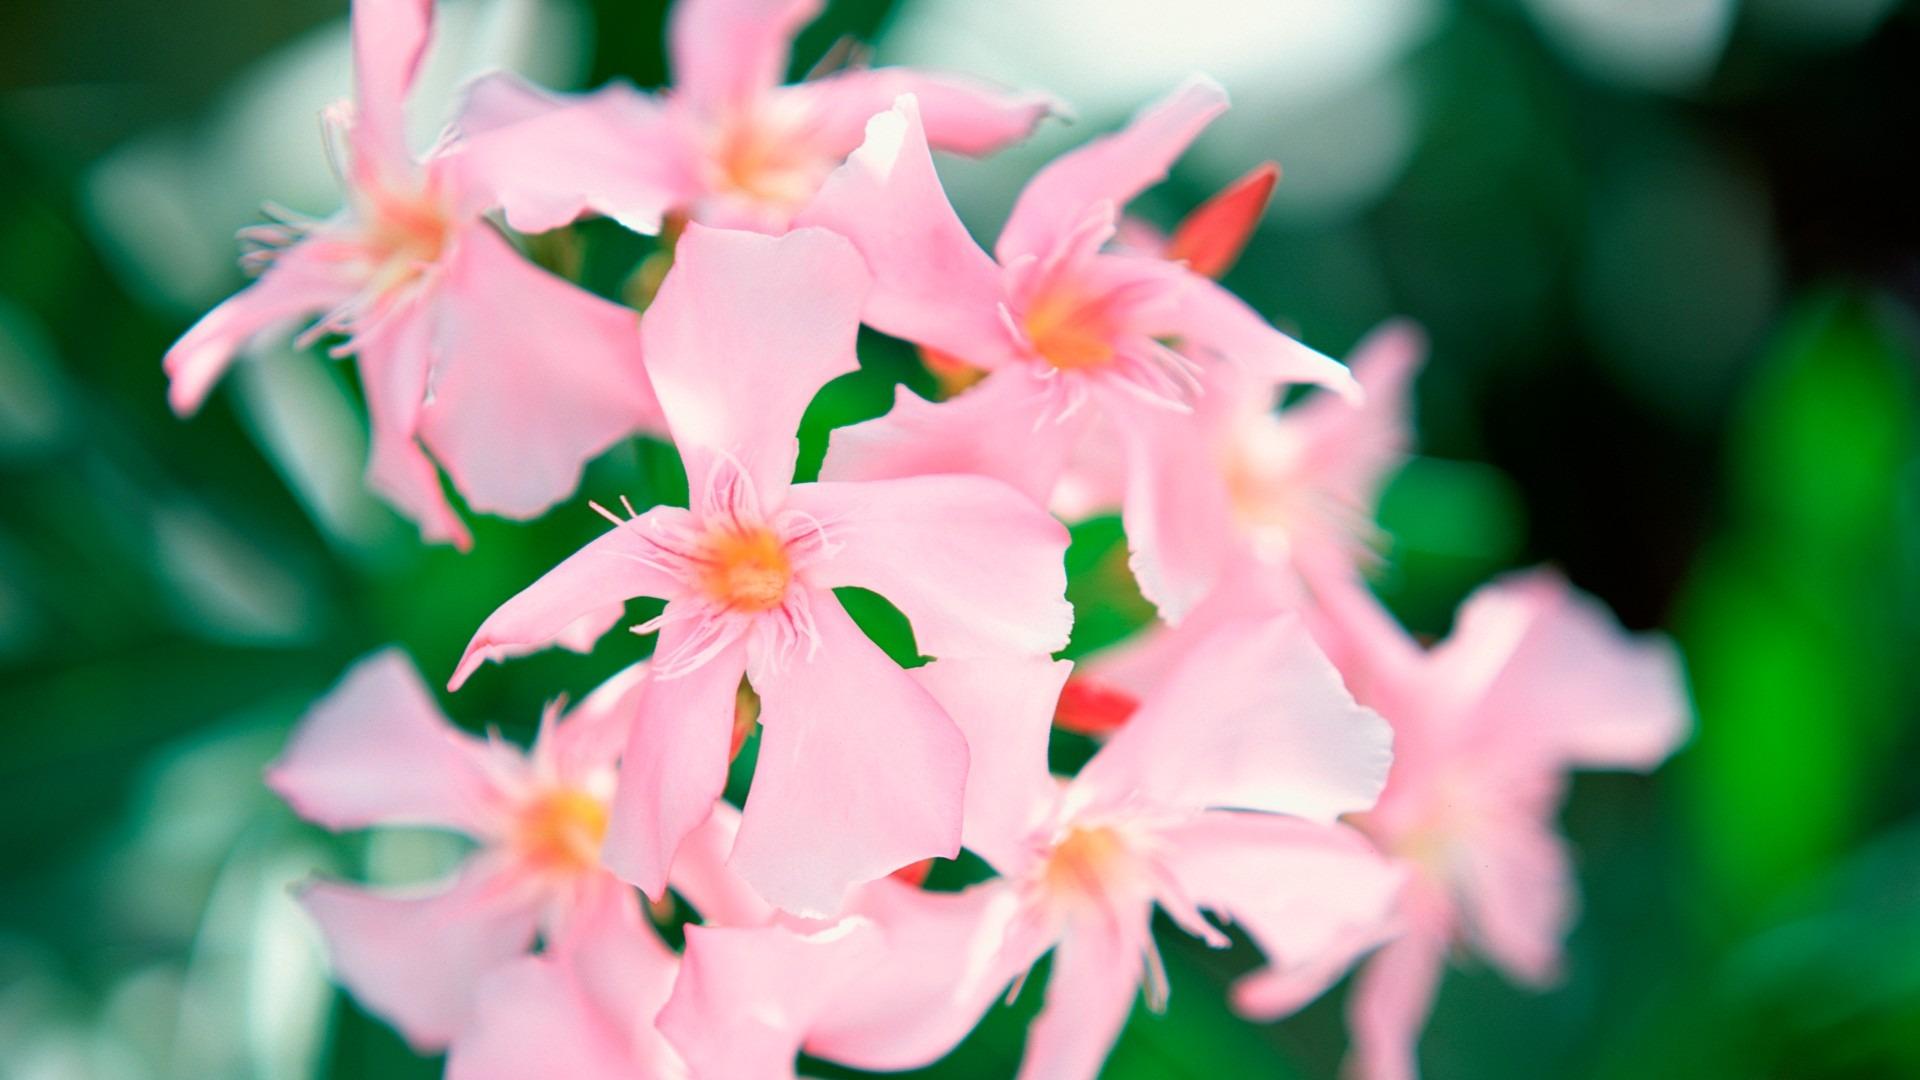 描述: 粉色的花-梦幻大溪地壁纸 当前壁纸尺寸: 1920 x 1080